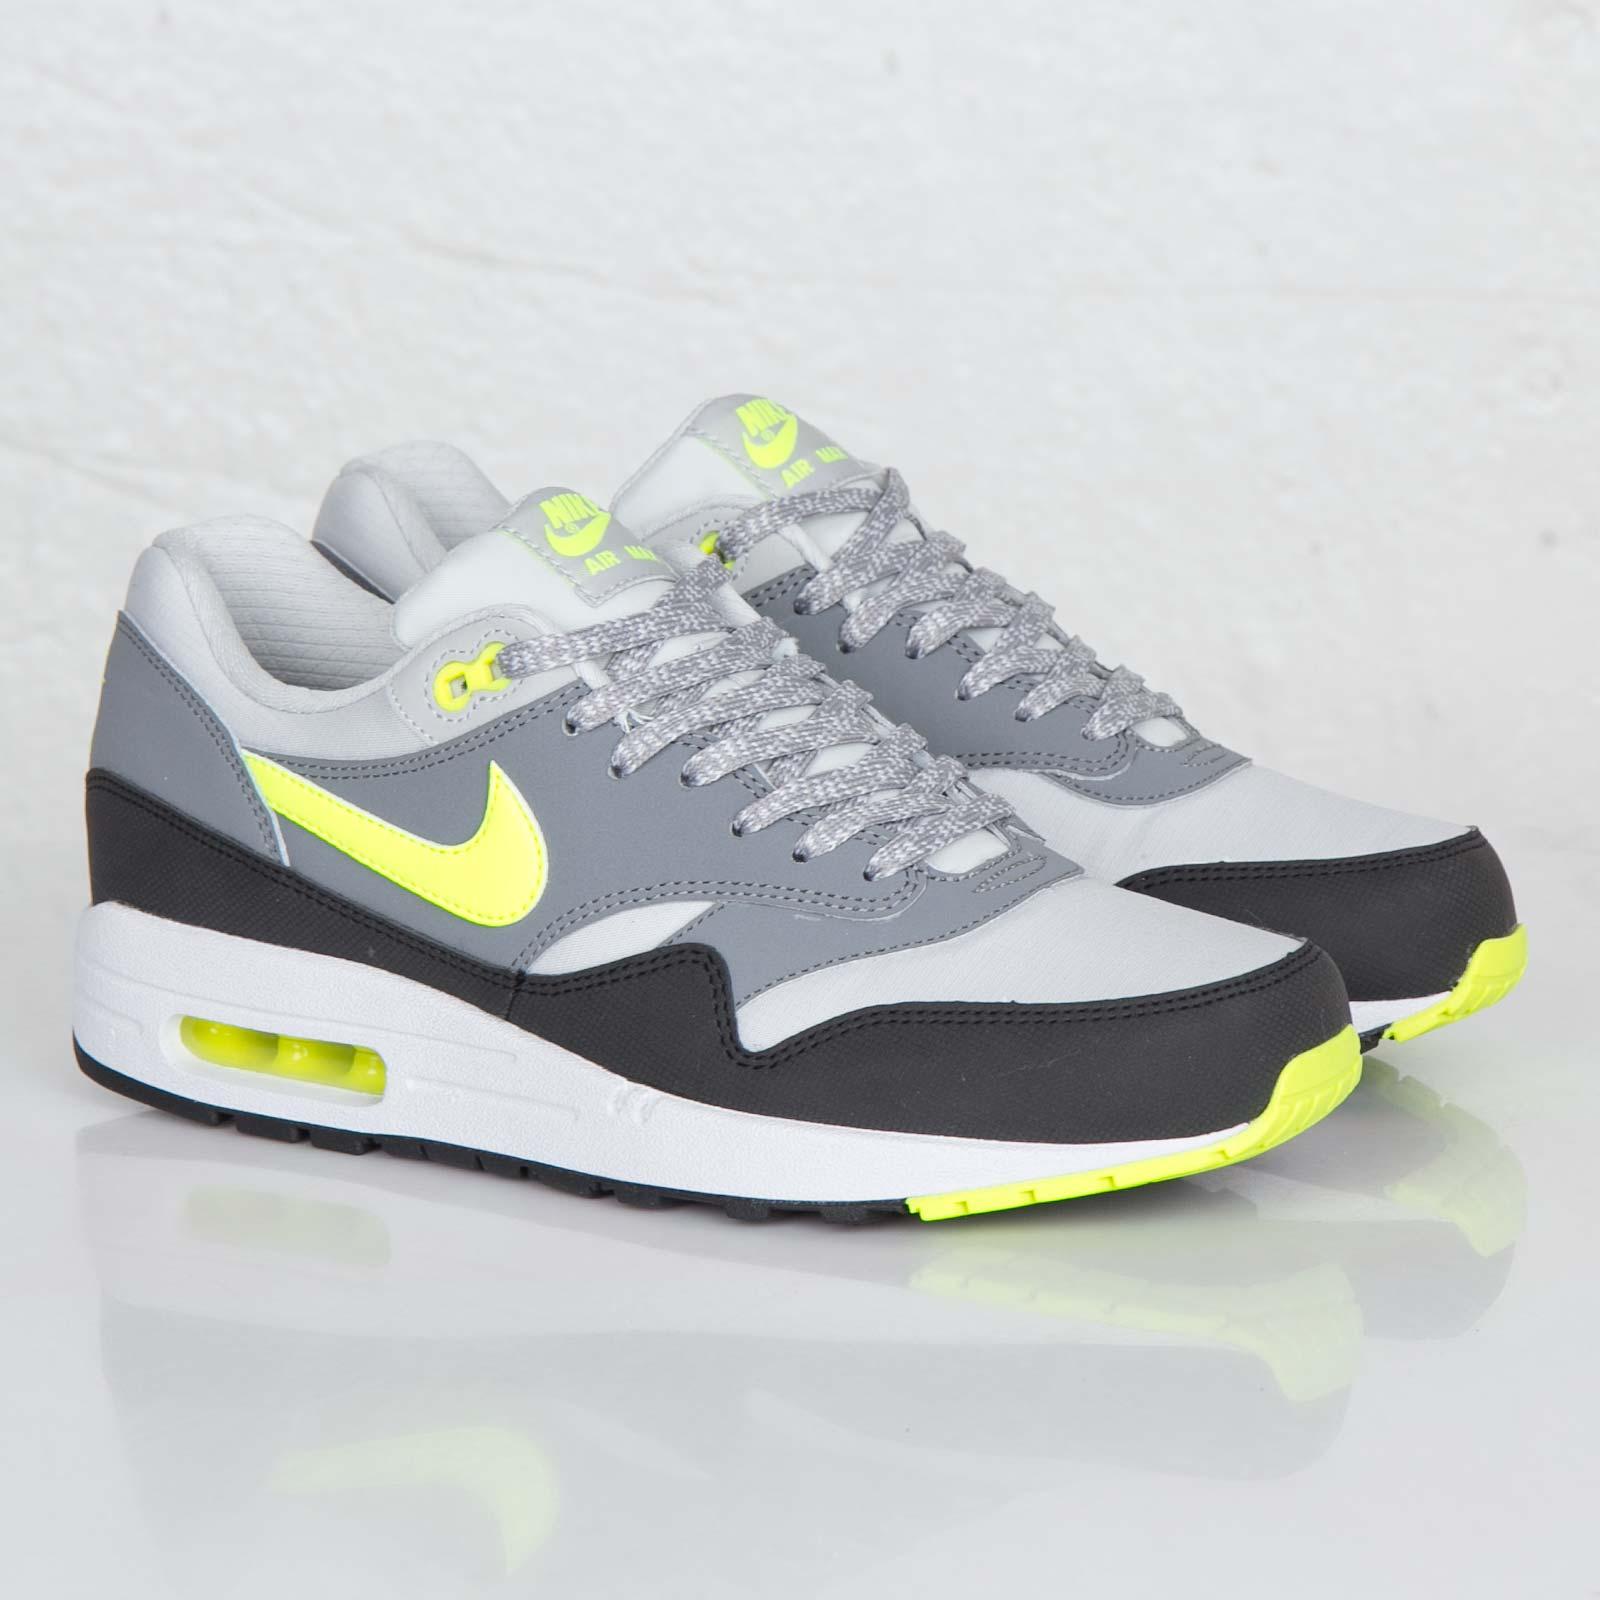 Nike Air Max 1 Essential 537383 070 Sneakersnstuff